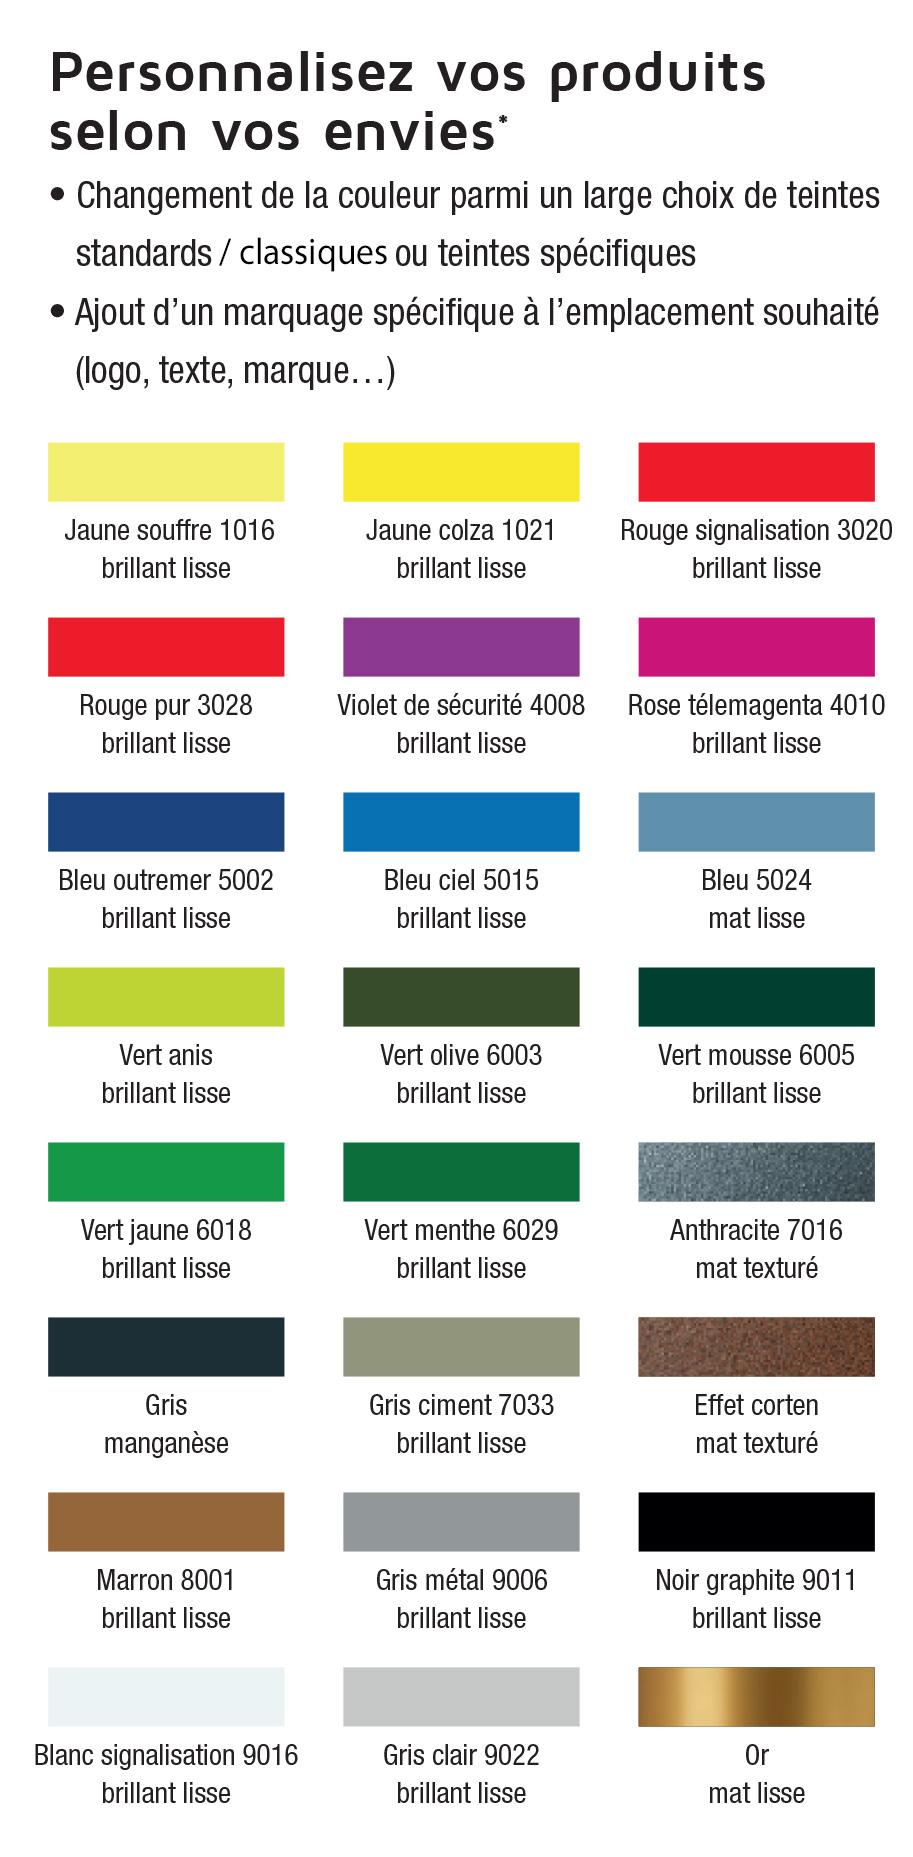 Tri Selectif Couleur Des Poubelles : selectif, couleur, poubelles, Poubelle, Sélectif, Bureau, Place, Entreprises, Organisations